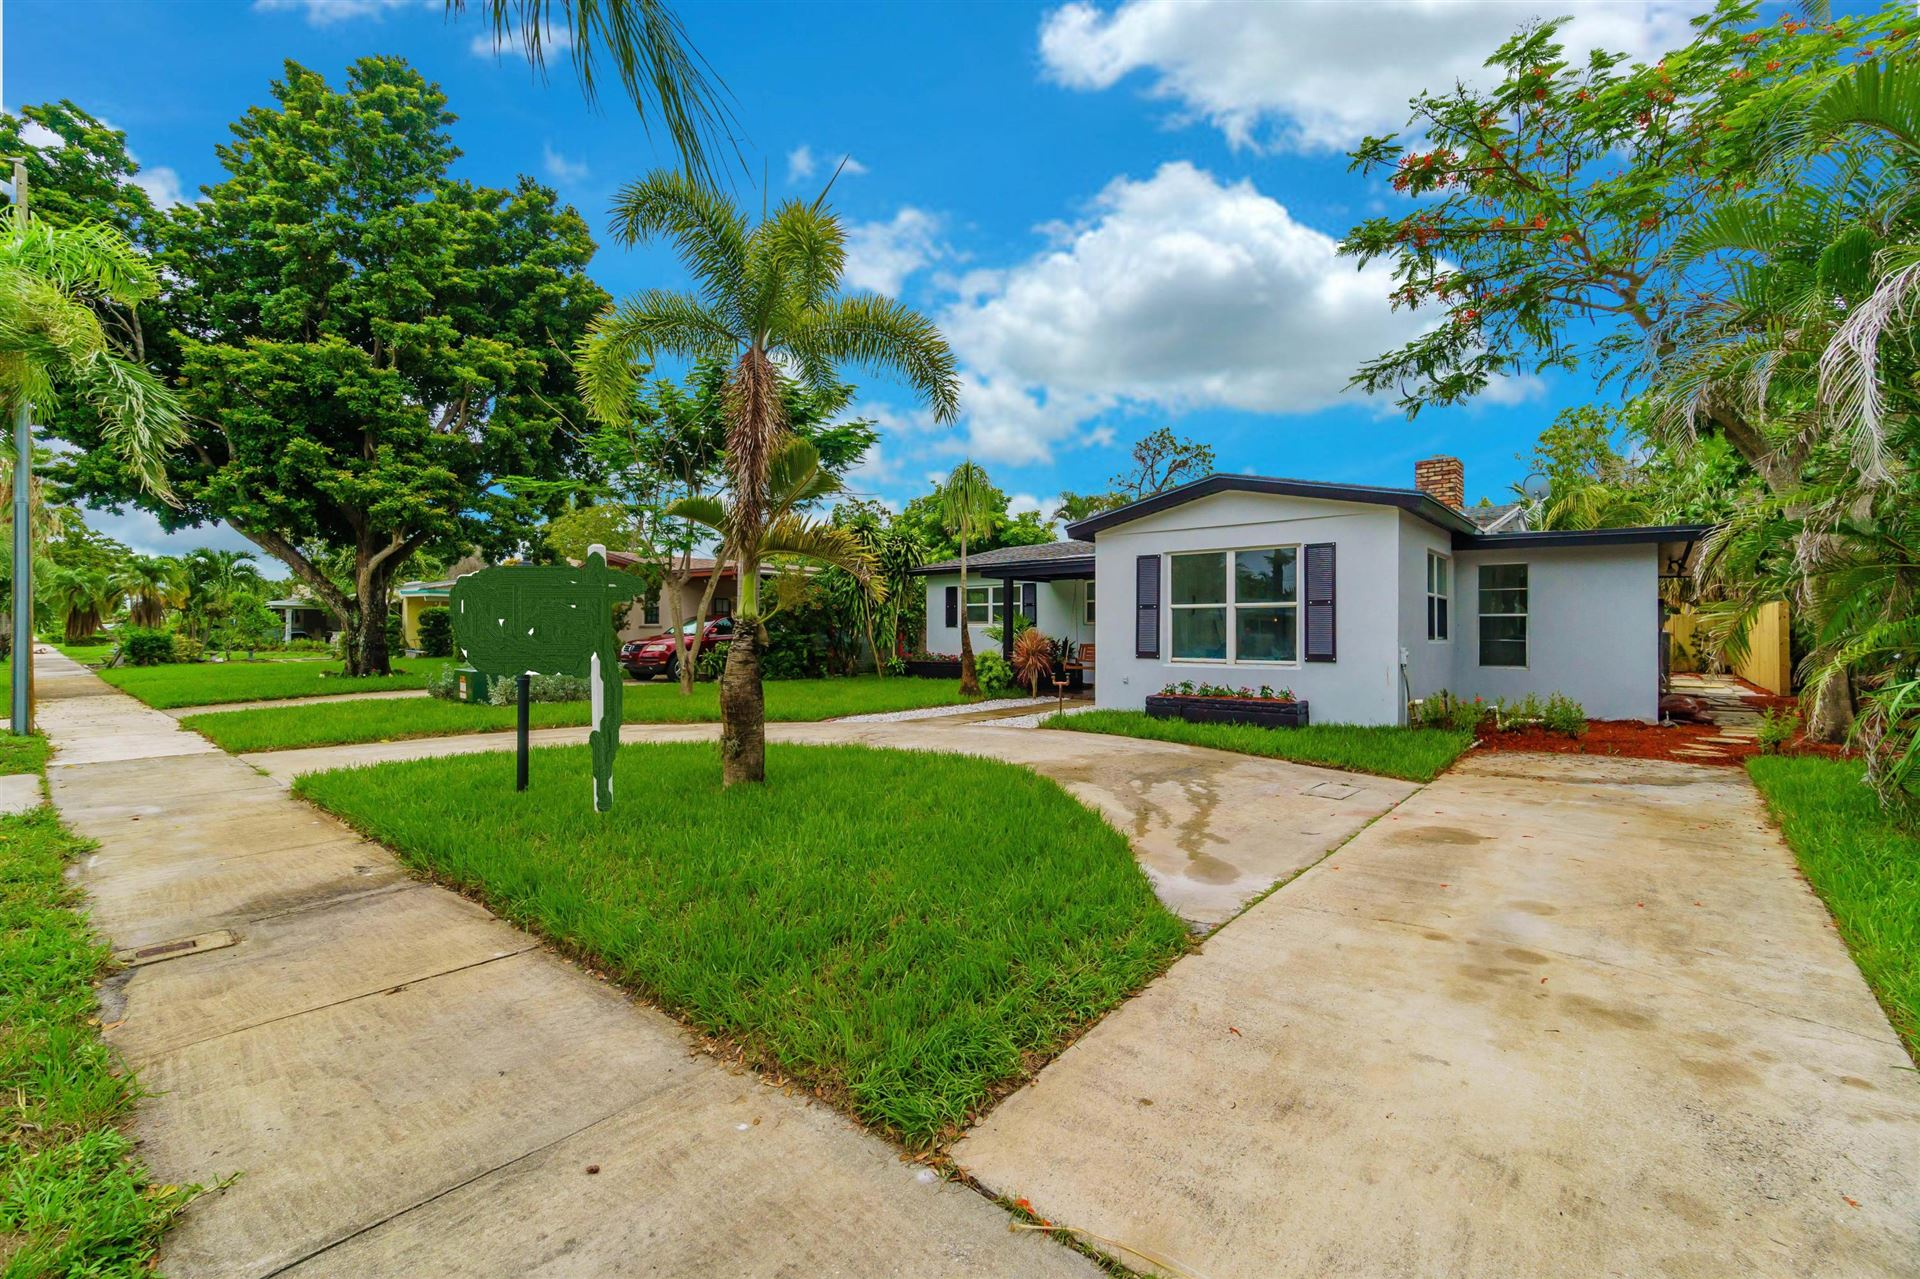 1010 Hansen Street, West Palm Beach, FL 33405 - MLS#: RX-10729802